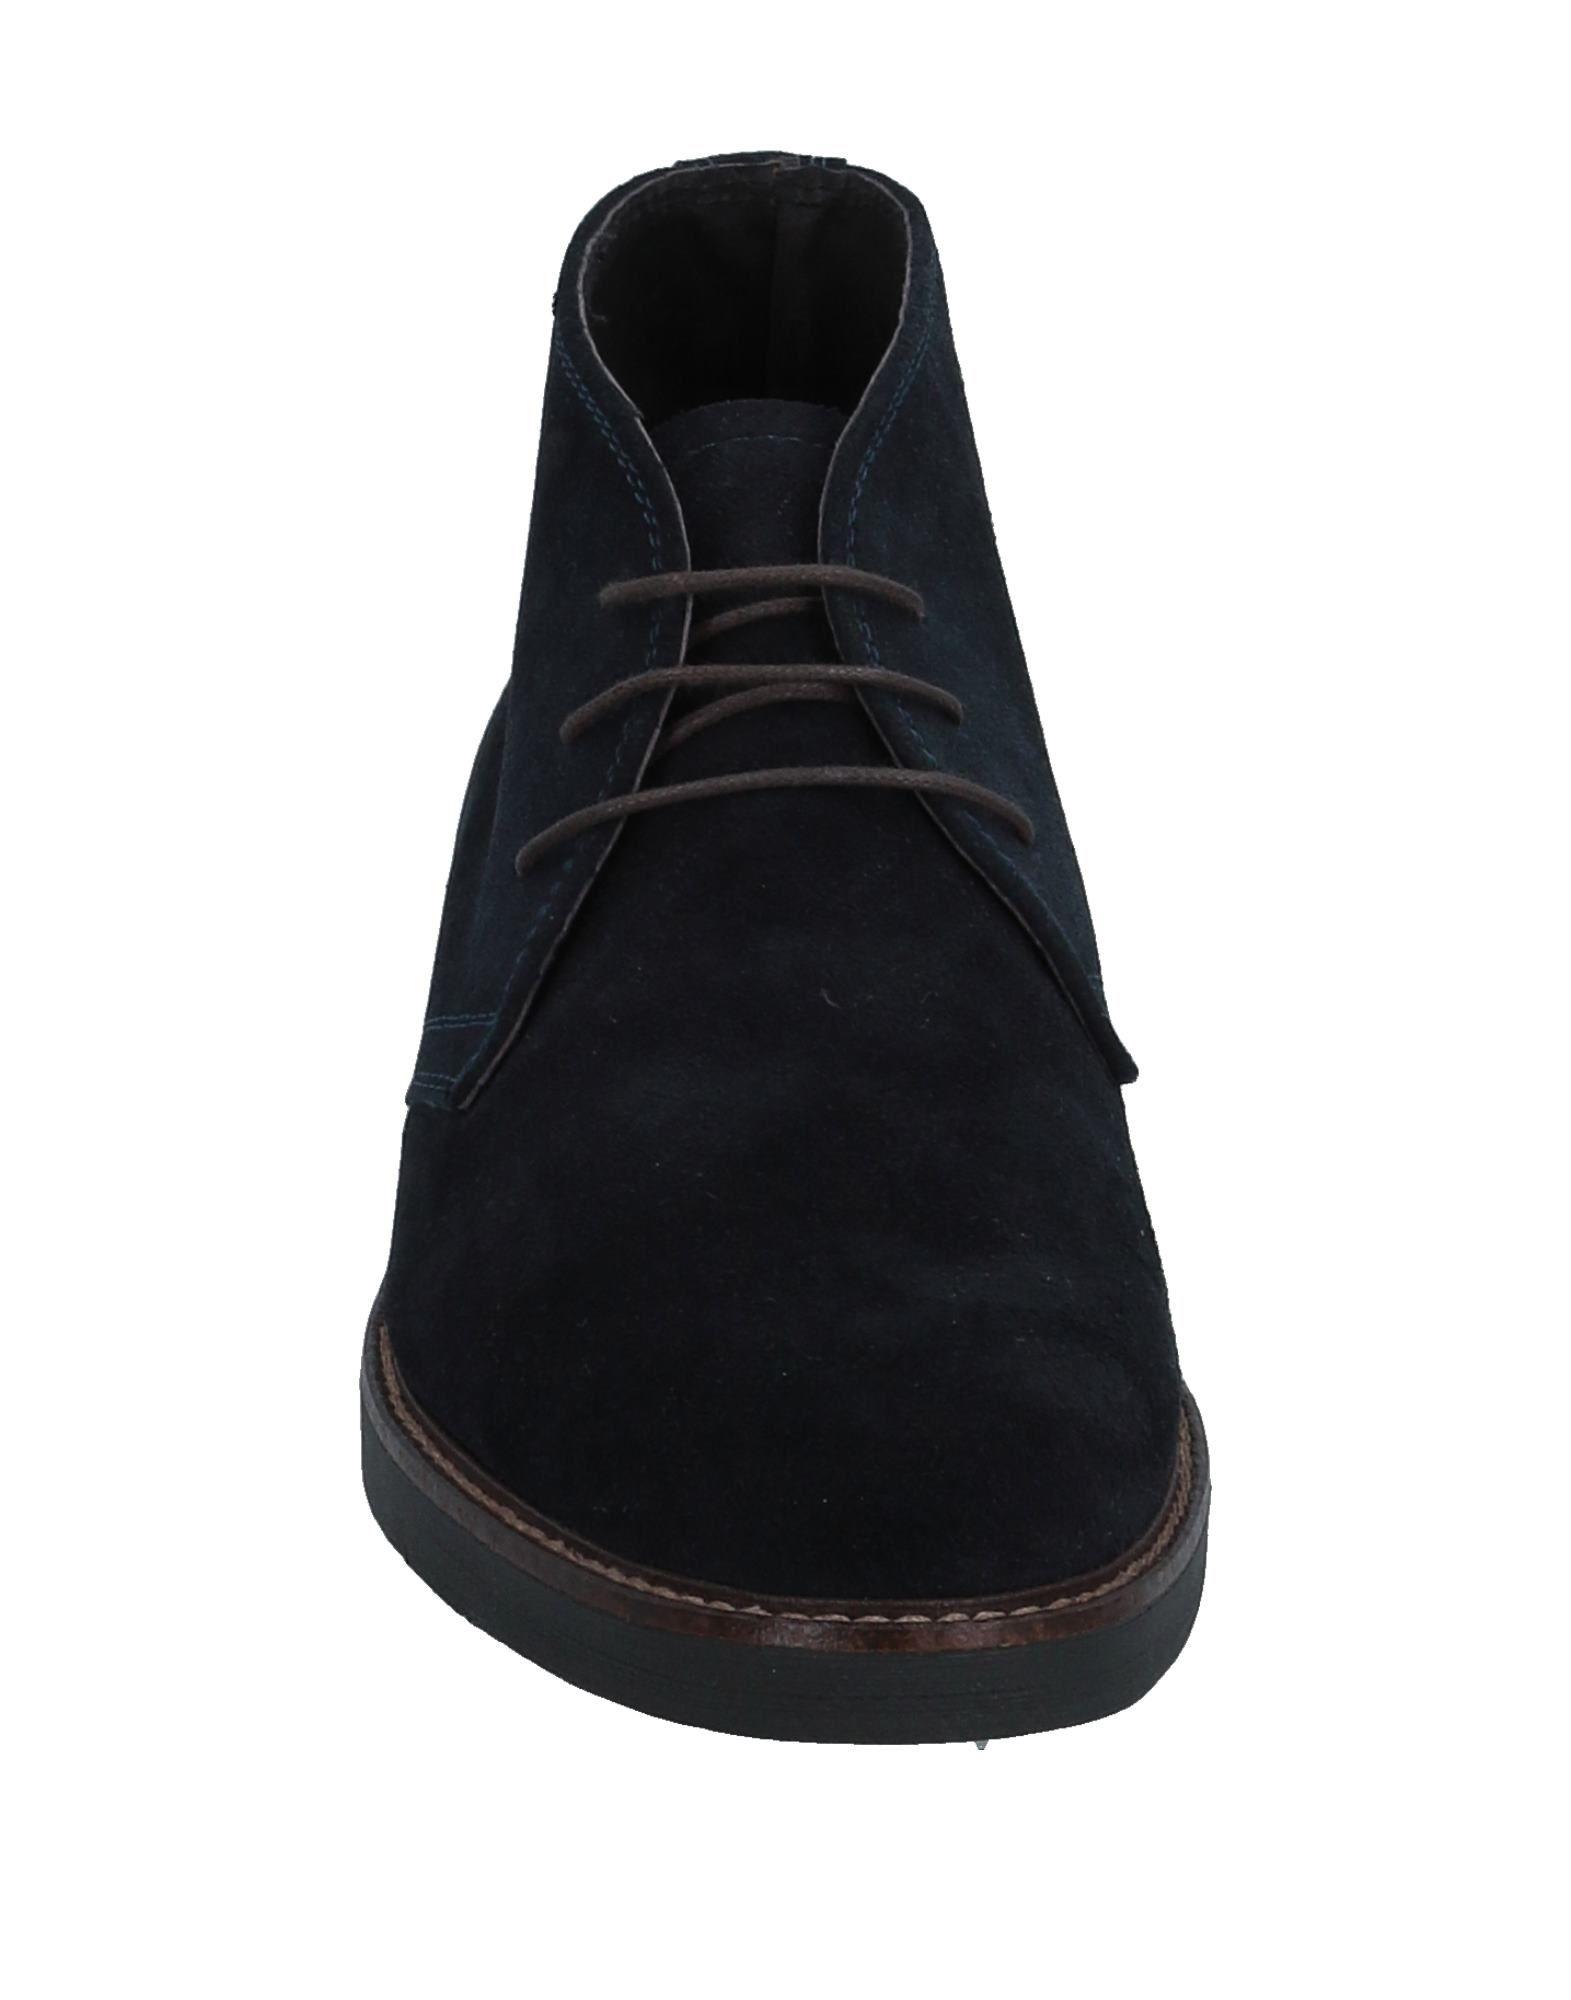 Rabatt echte Stiefelette Schuhe Dama Stiefelette echte Herren  11513275VB f33be4